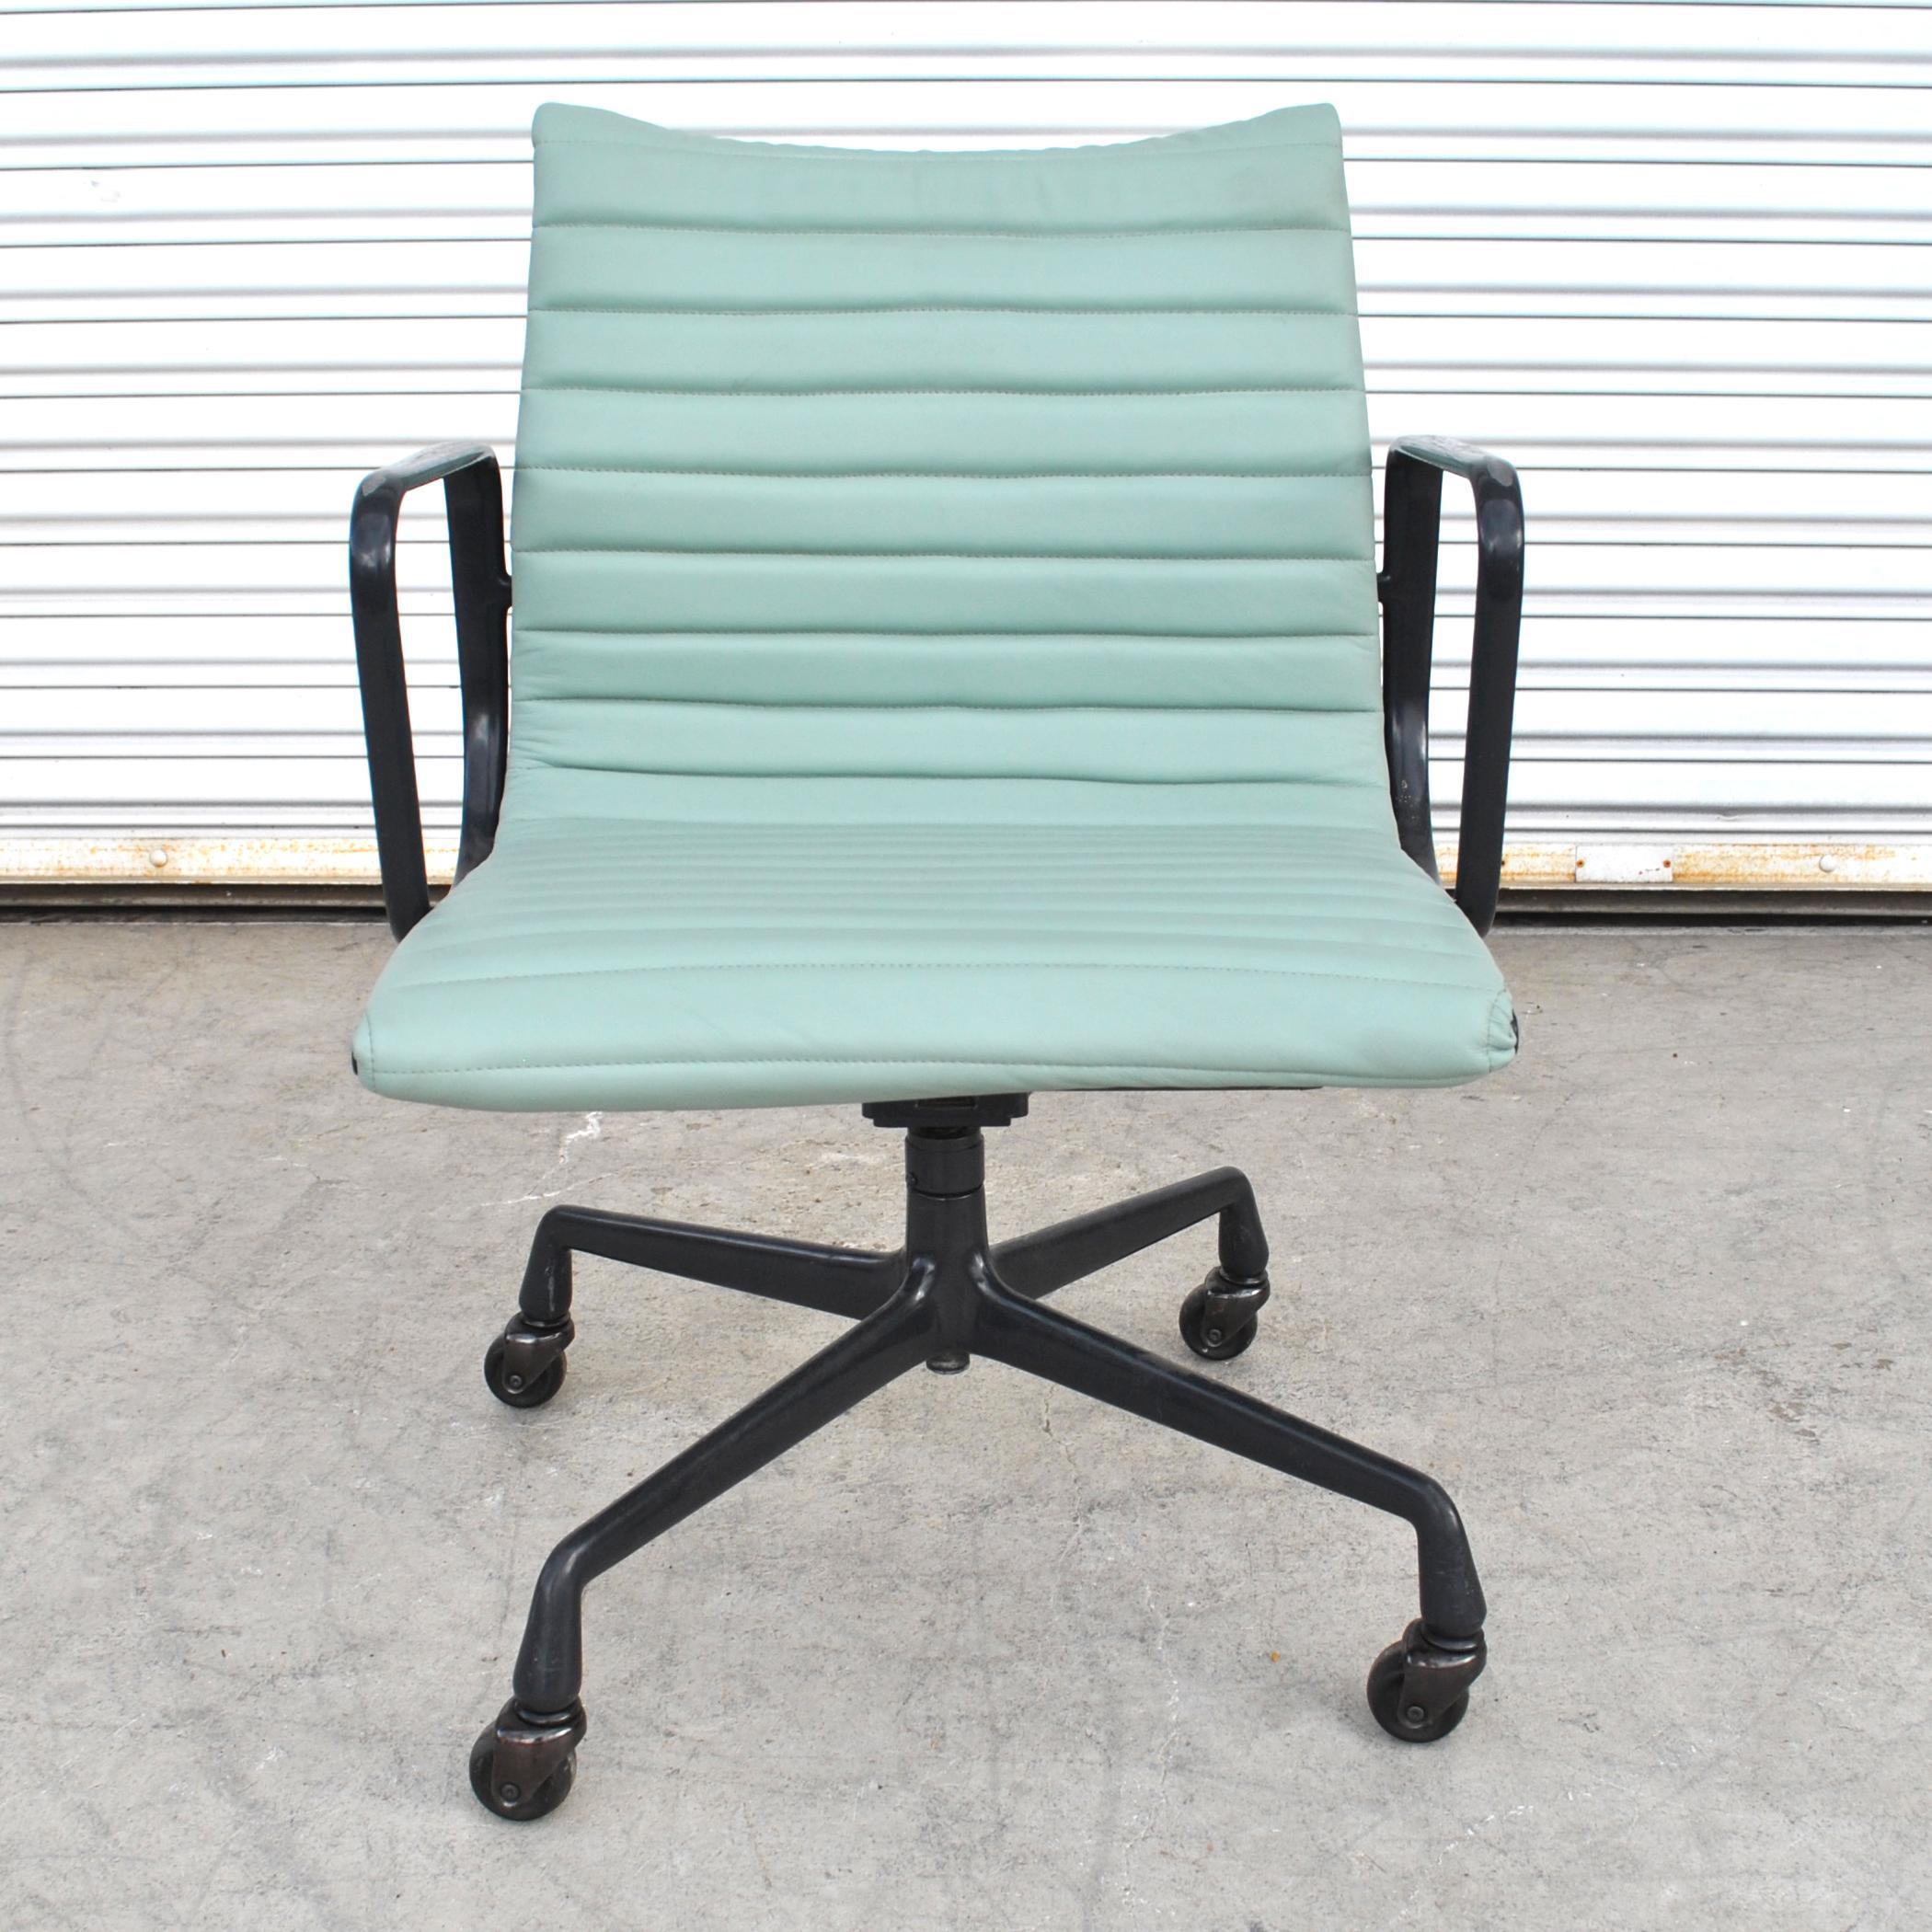 Merveilleux 1 Restored Vintage Eames Aluminum Group Desk Chair